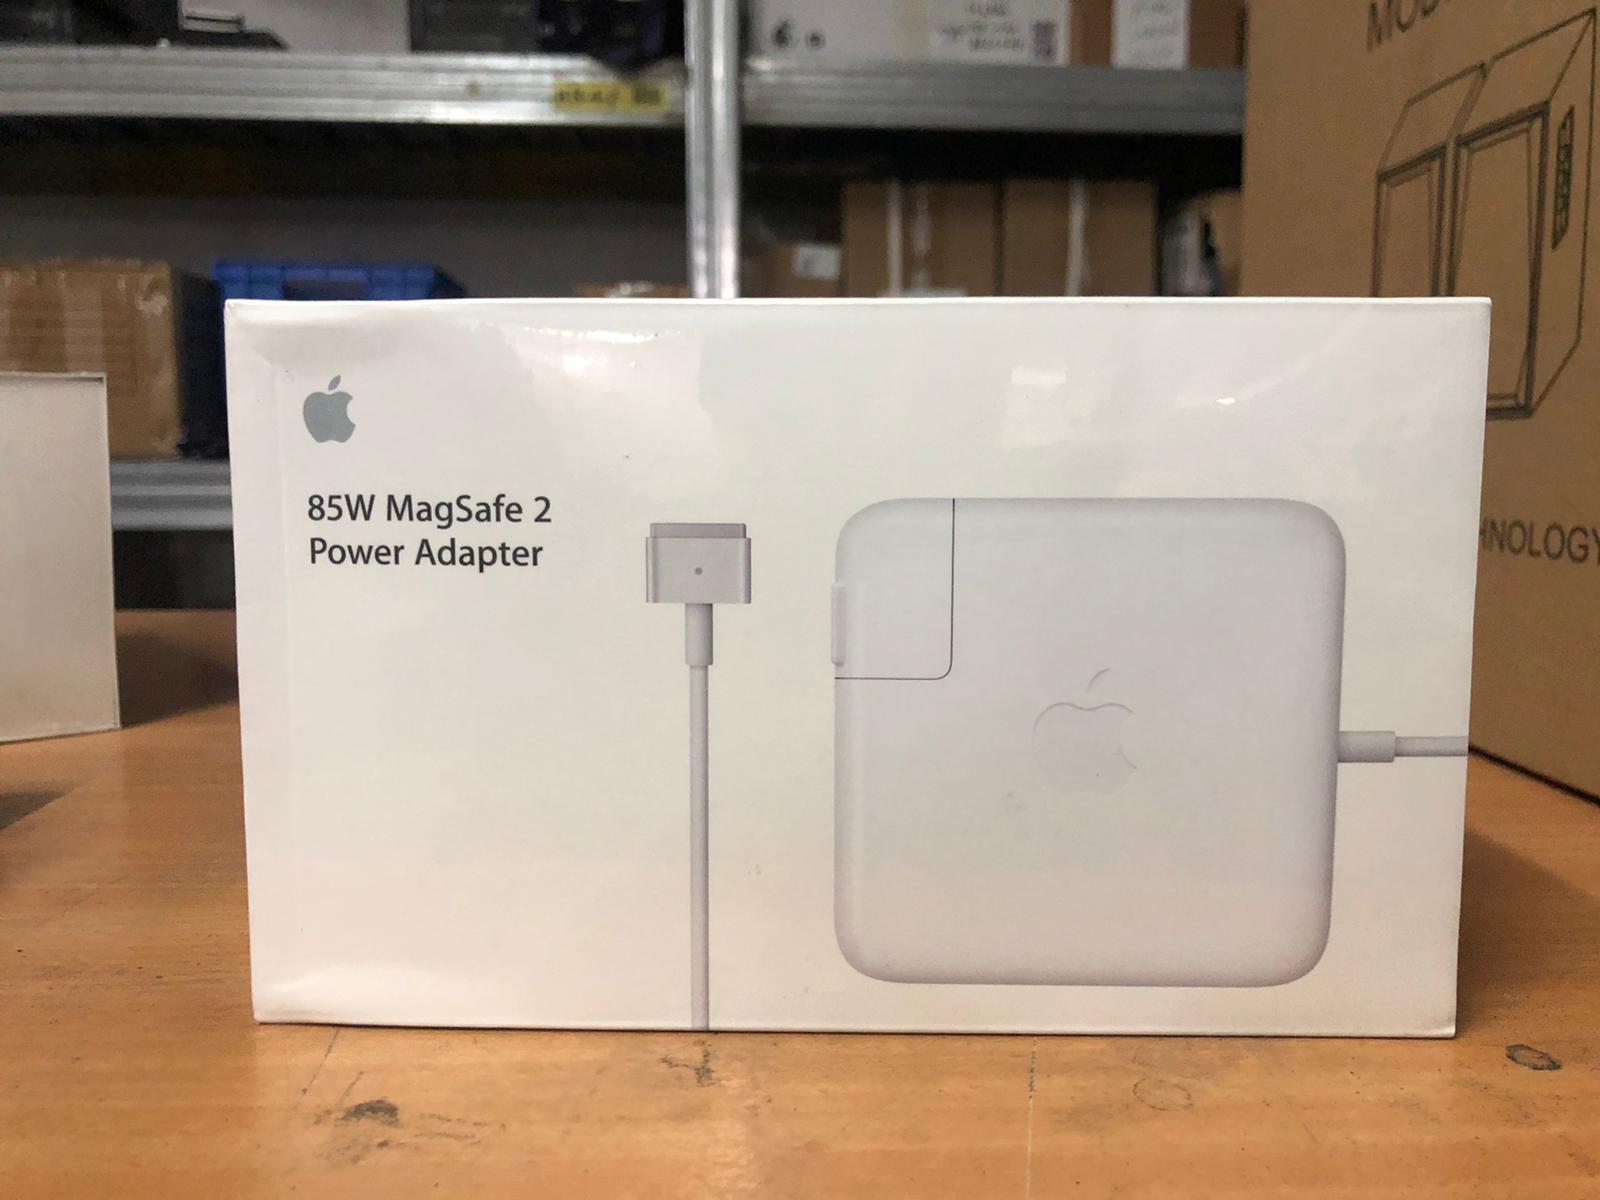 מטען מקורי למחשב נייד אפל 85W Apple MacBook MagSafe 2